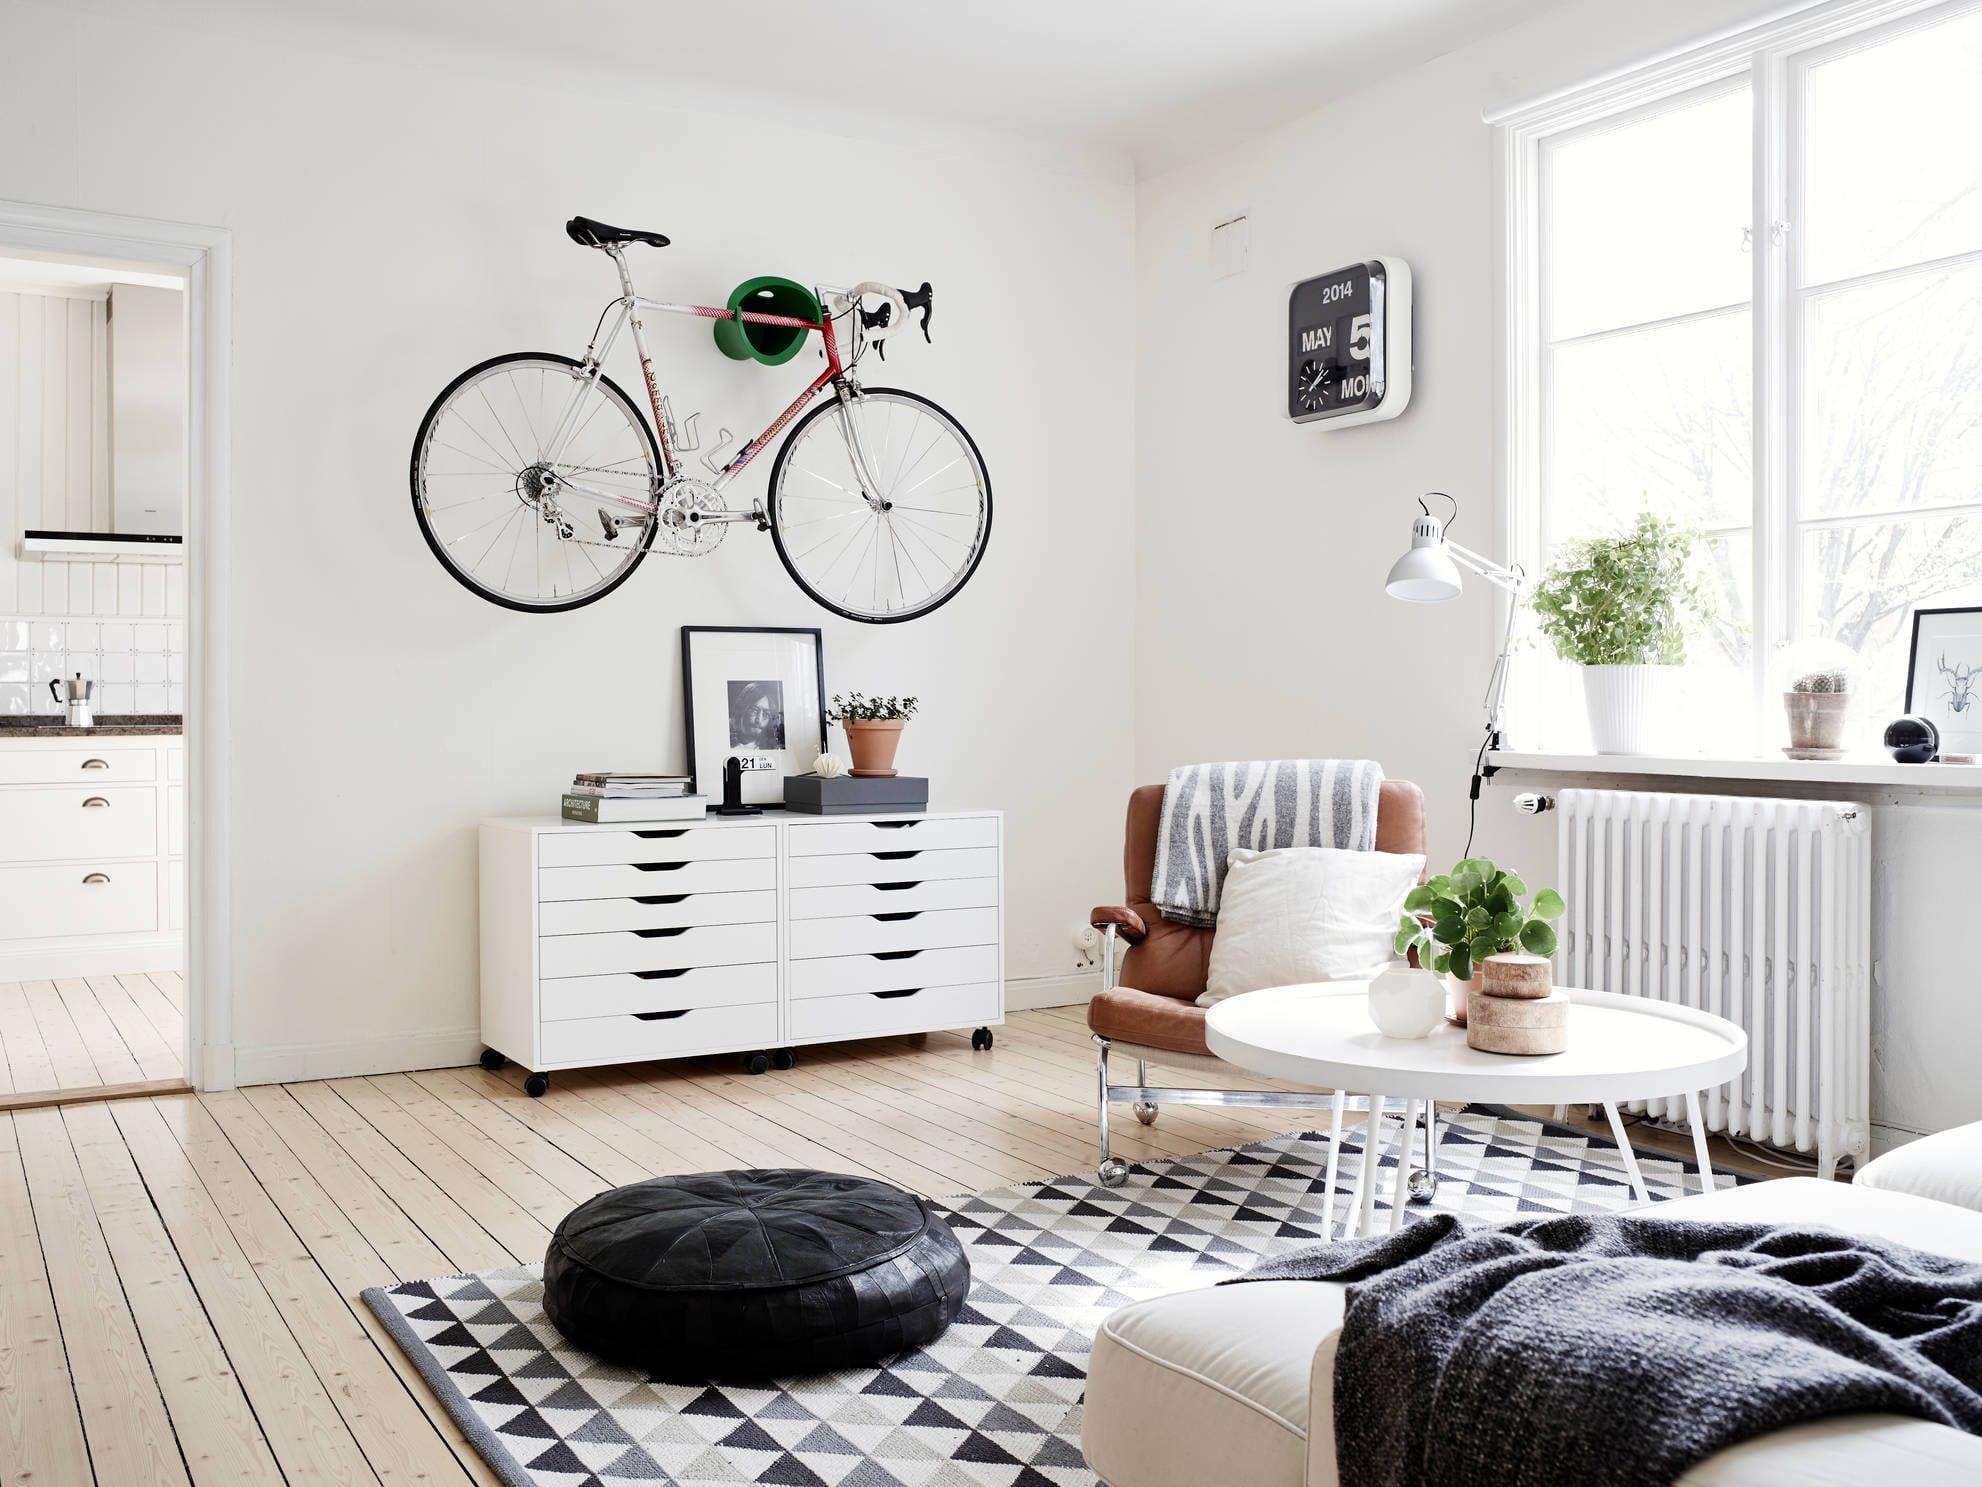 fahrrad im wohnzimmer - mein wohnzimmer - fresHouse